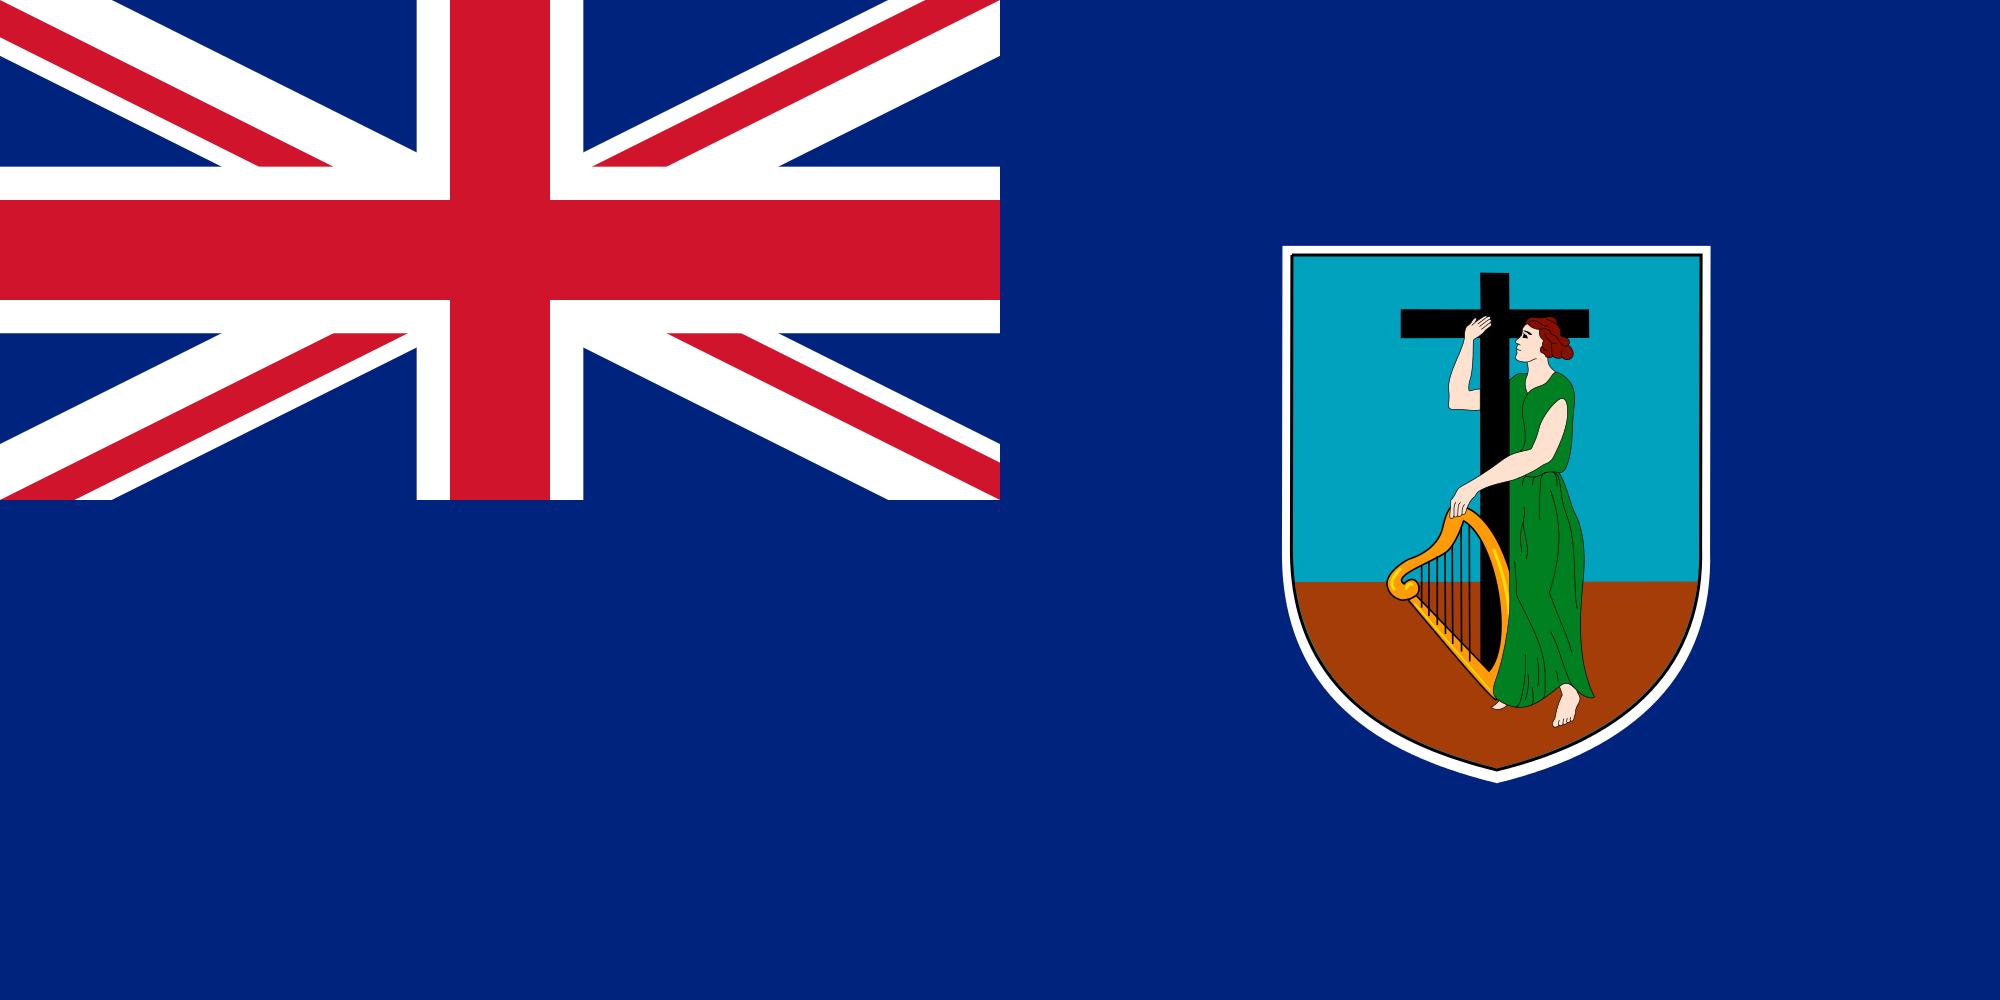 montserrat, país, emblema, insignia, símbolo - Fondos de Pantalla HD - professor-falken.com